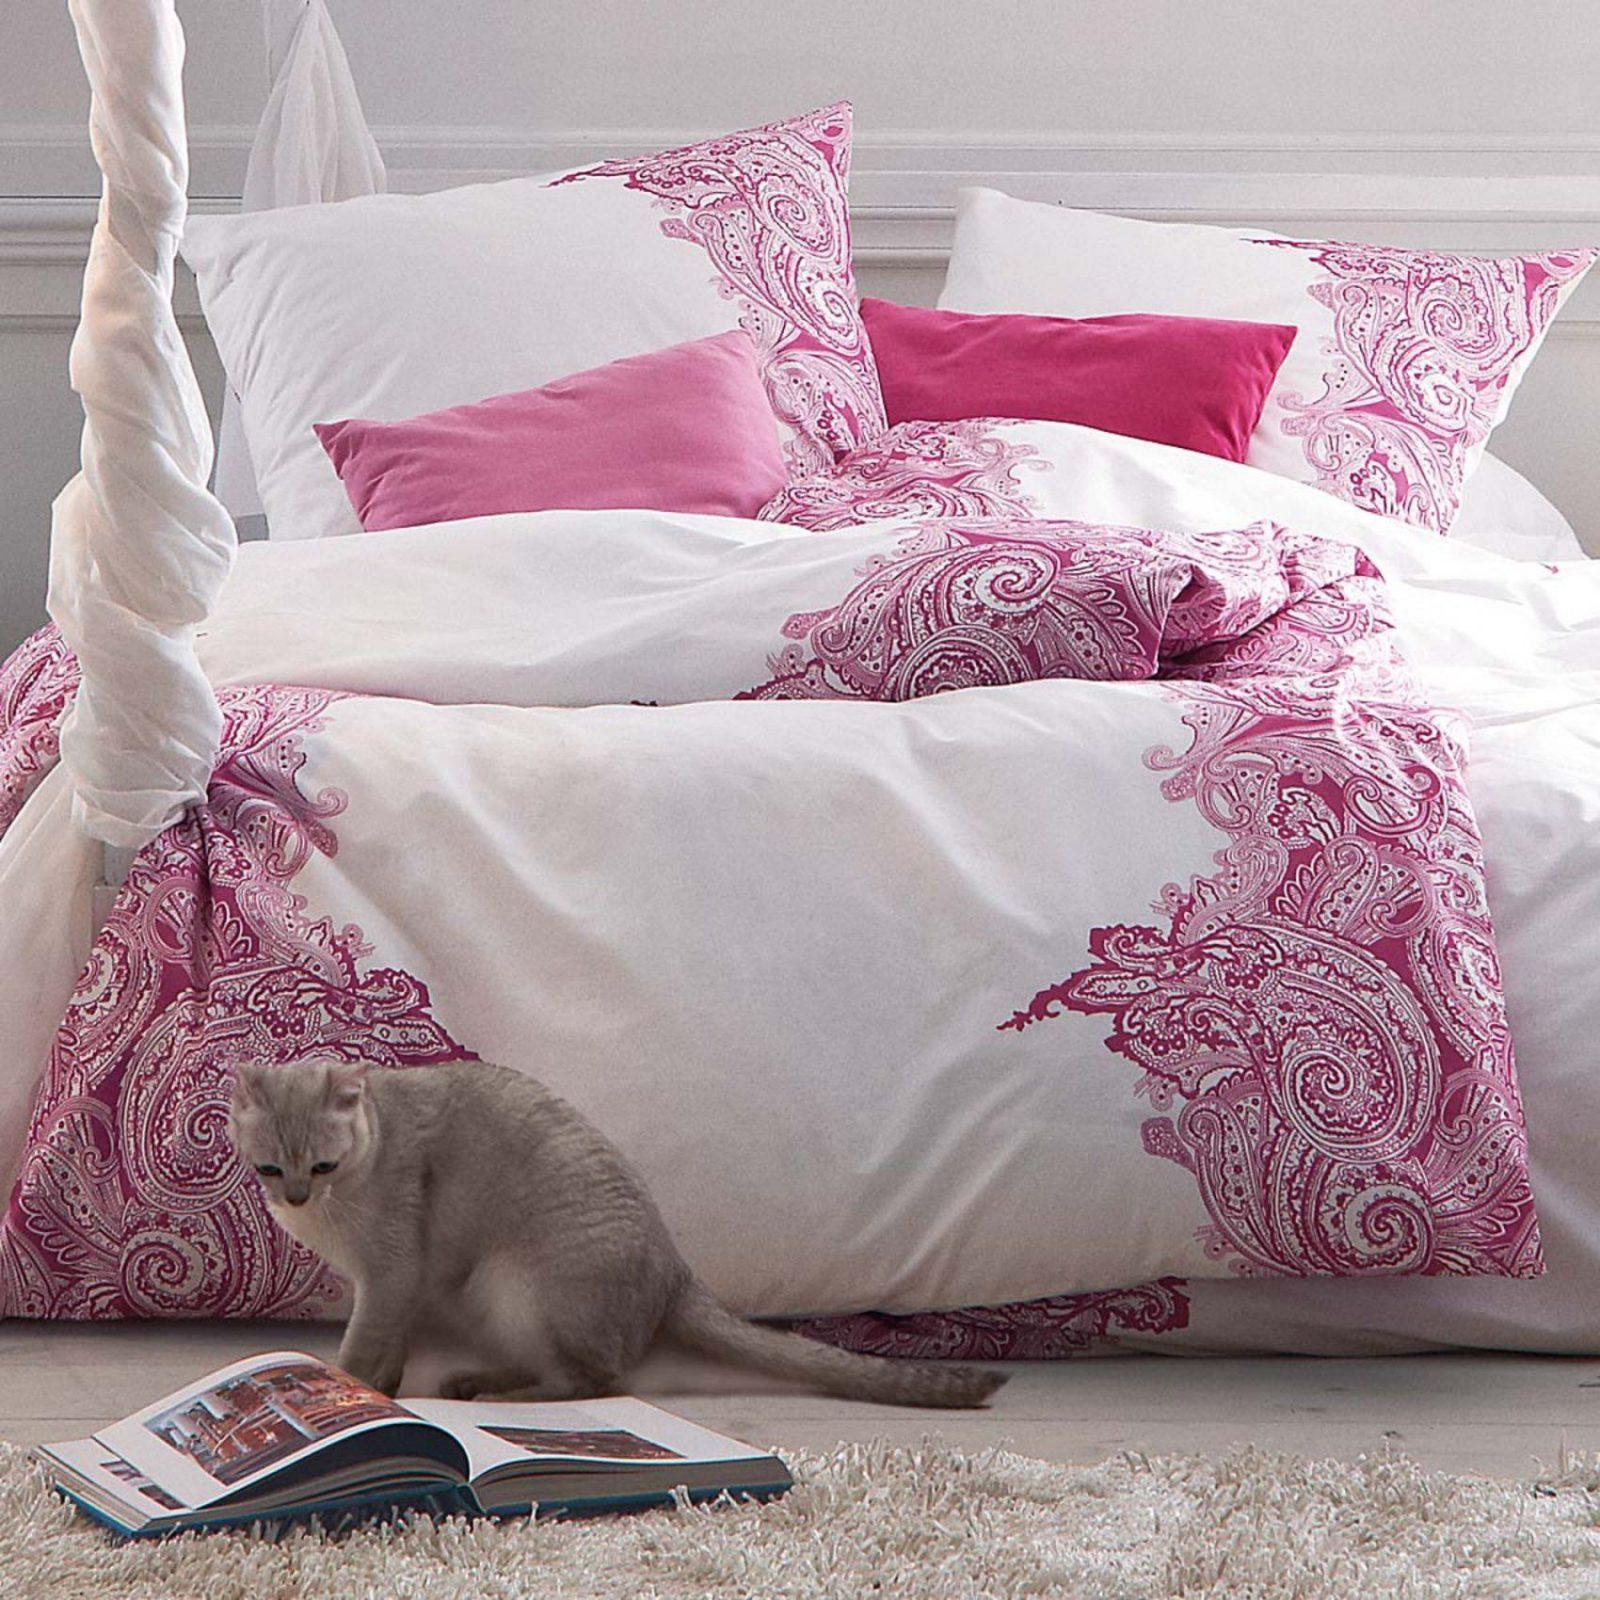 Bettwäsche  Bed Linen Impressionen Schlafzimmer  Home von Bettwäsche Bei Hse24 Bild